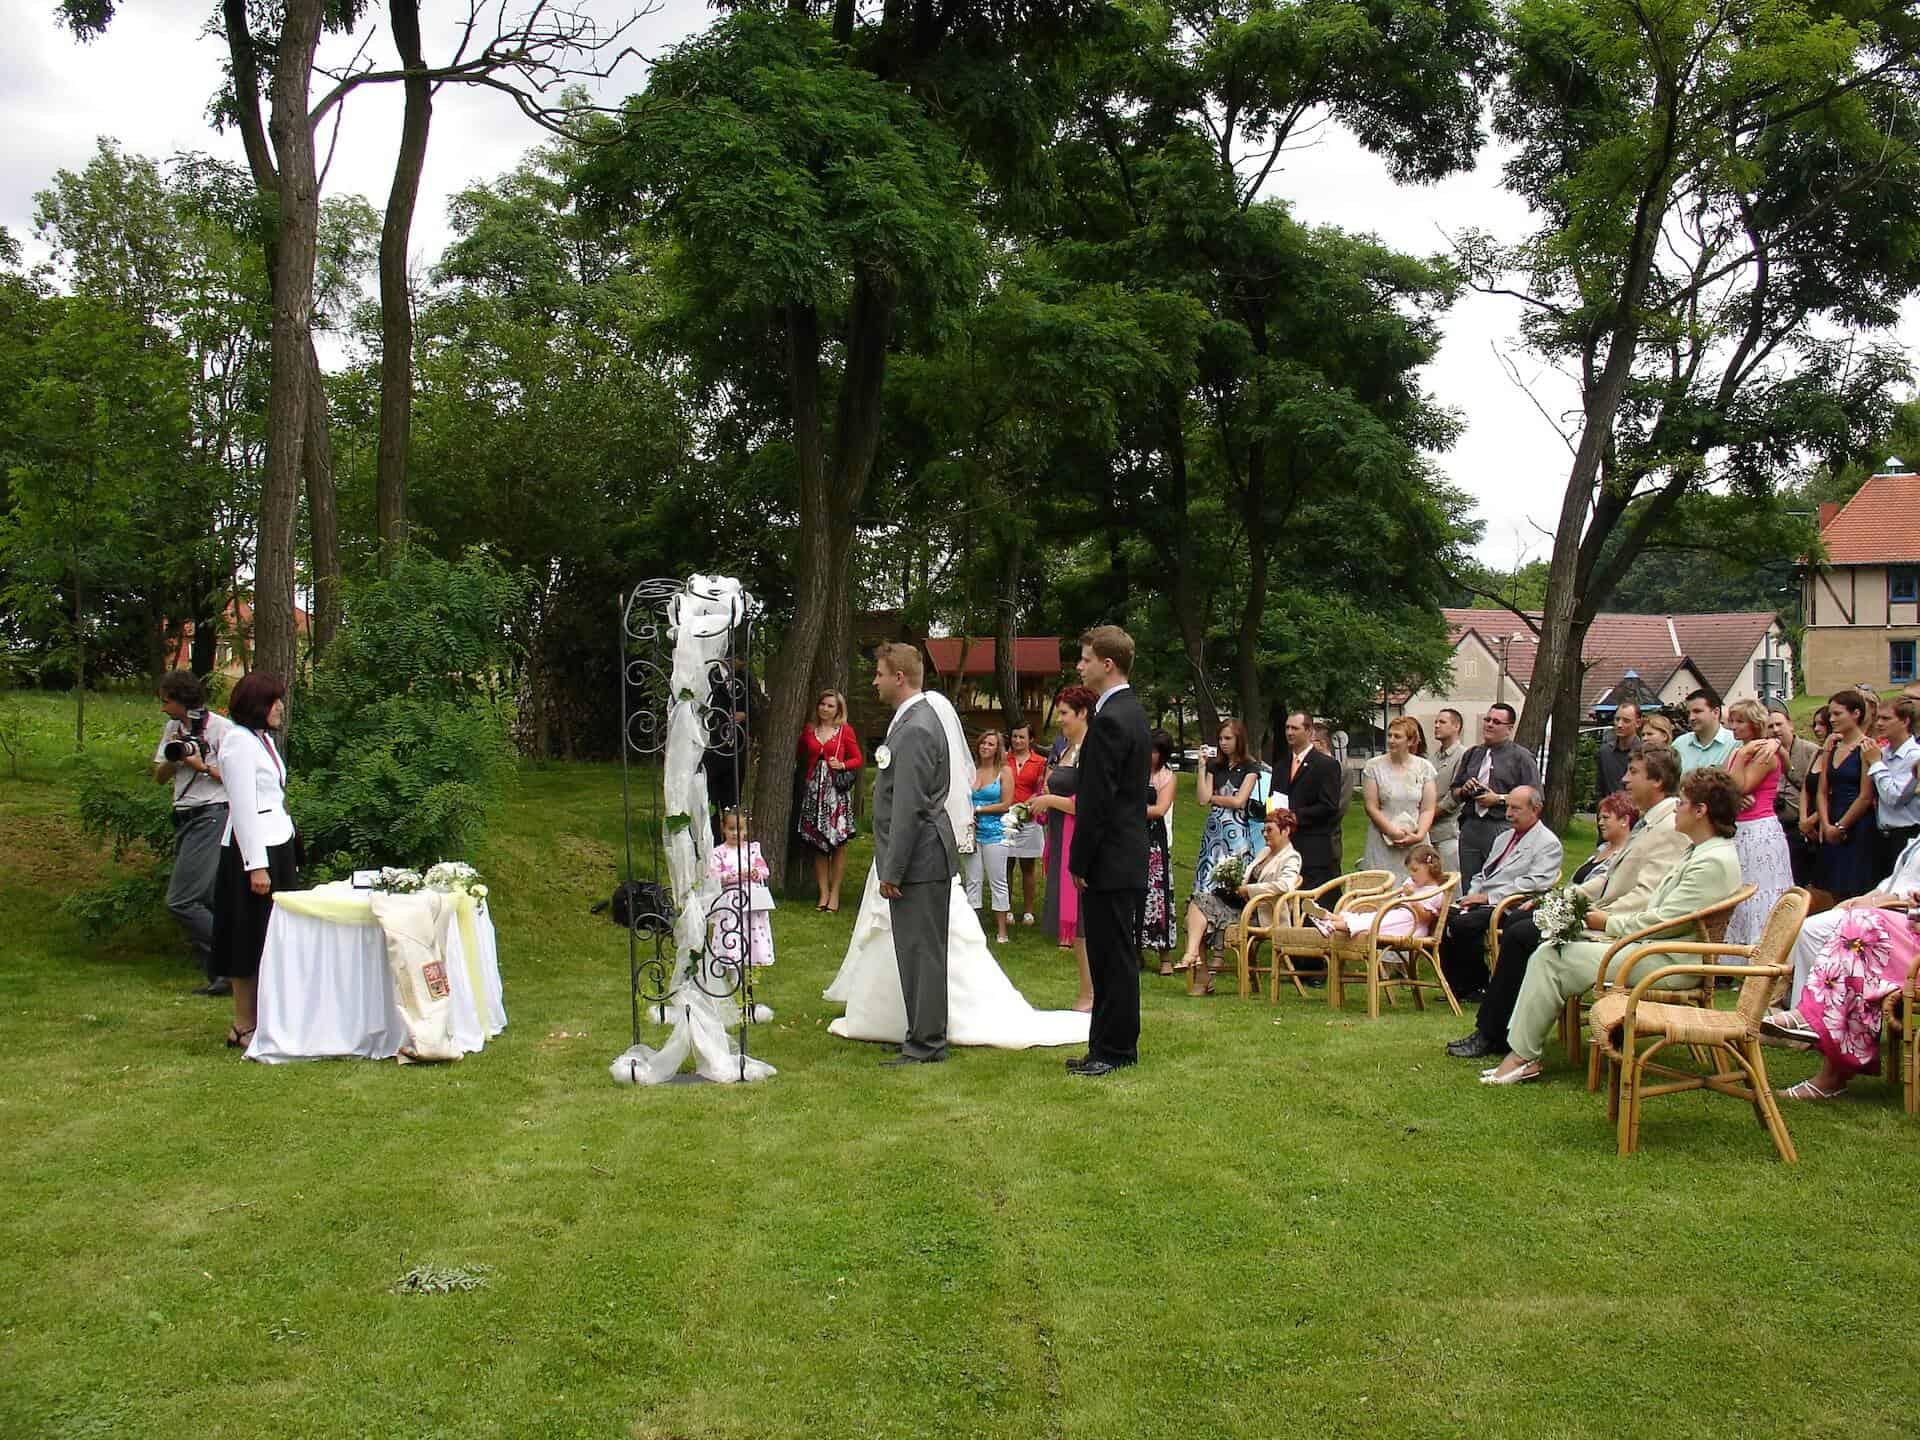 Hliněná bašta Průhonice svatební venkovní obřad 1